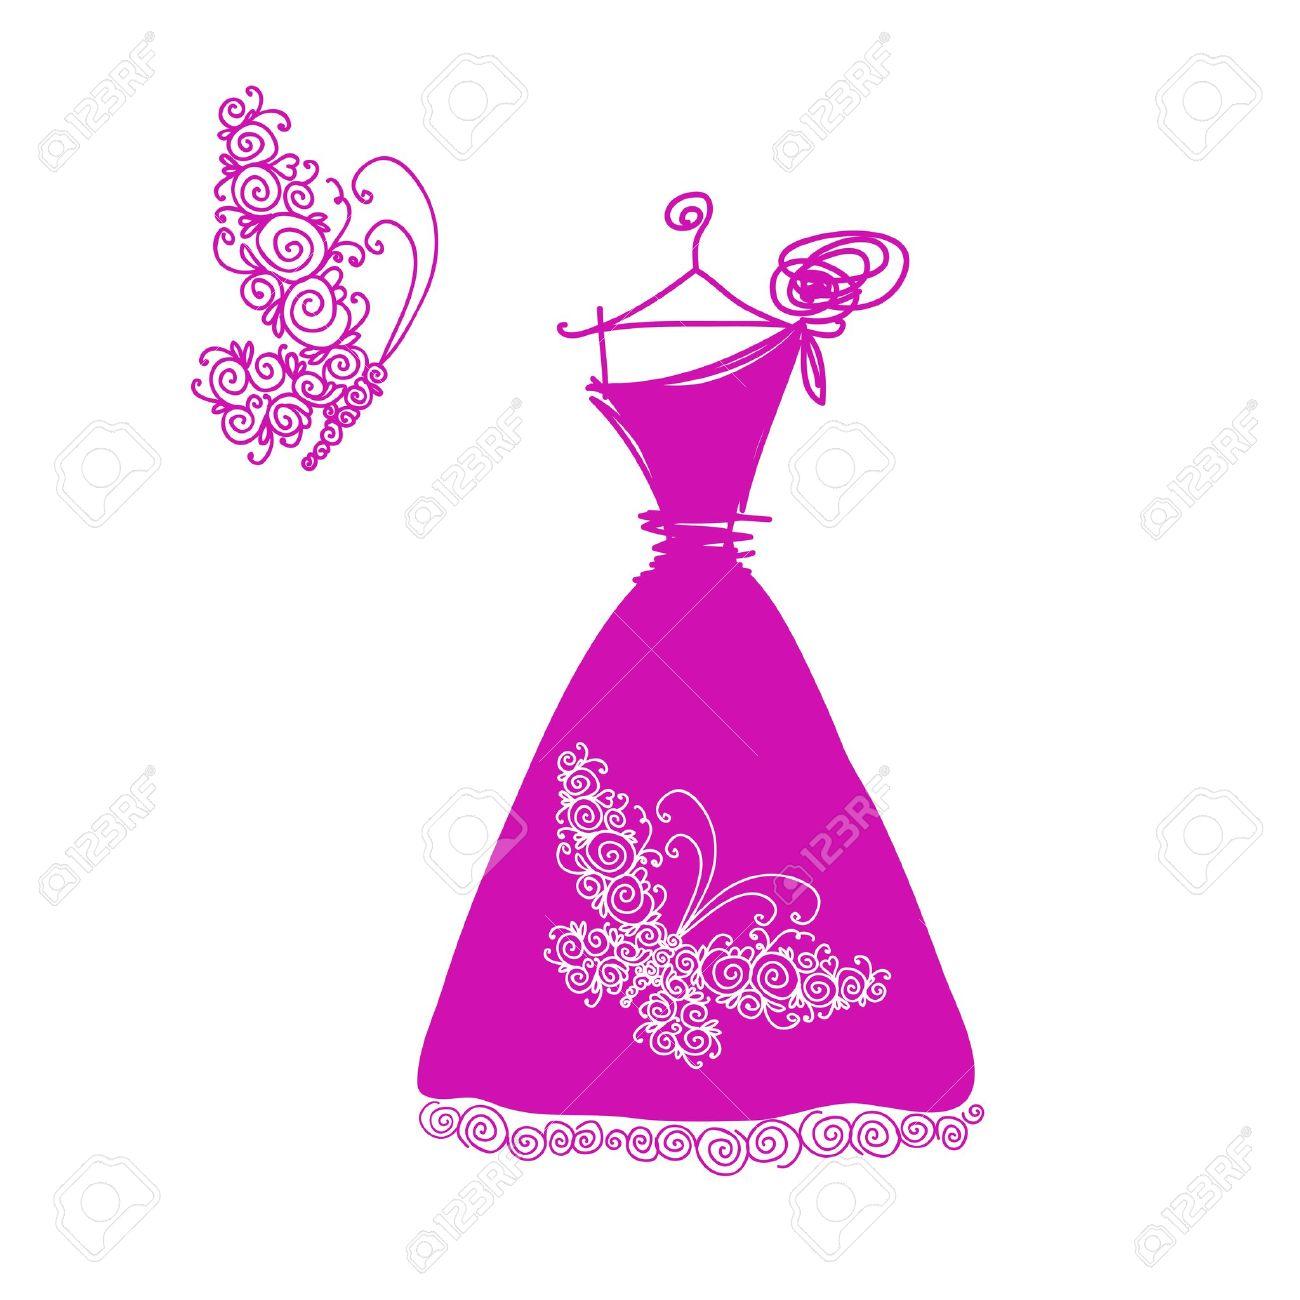 Bosquejo Del Vestido De Coctel Lindo Para Su Diseño Ilustraciones ...